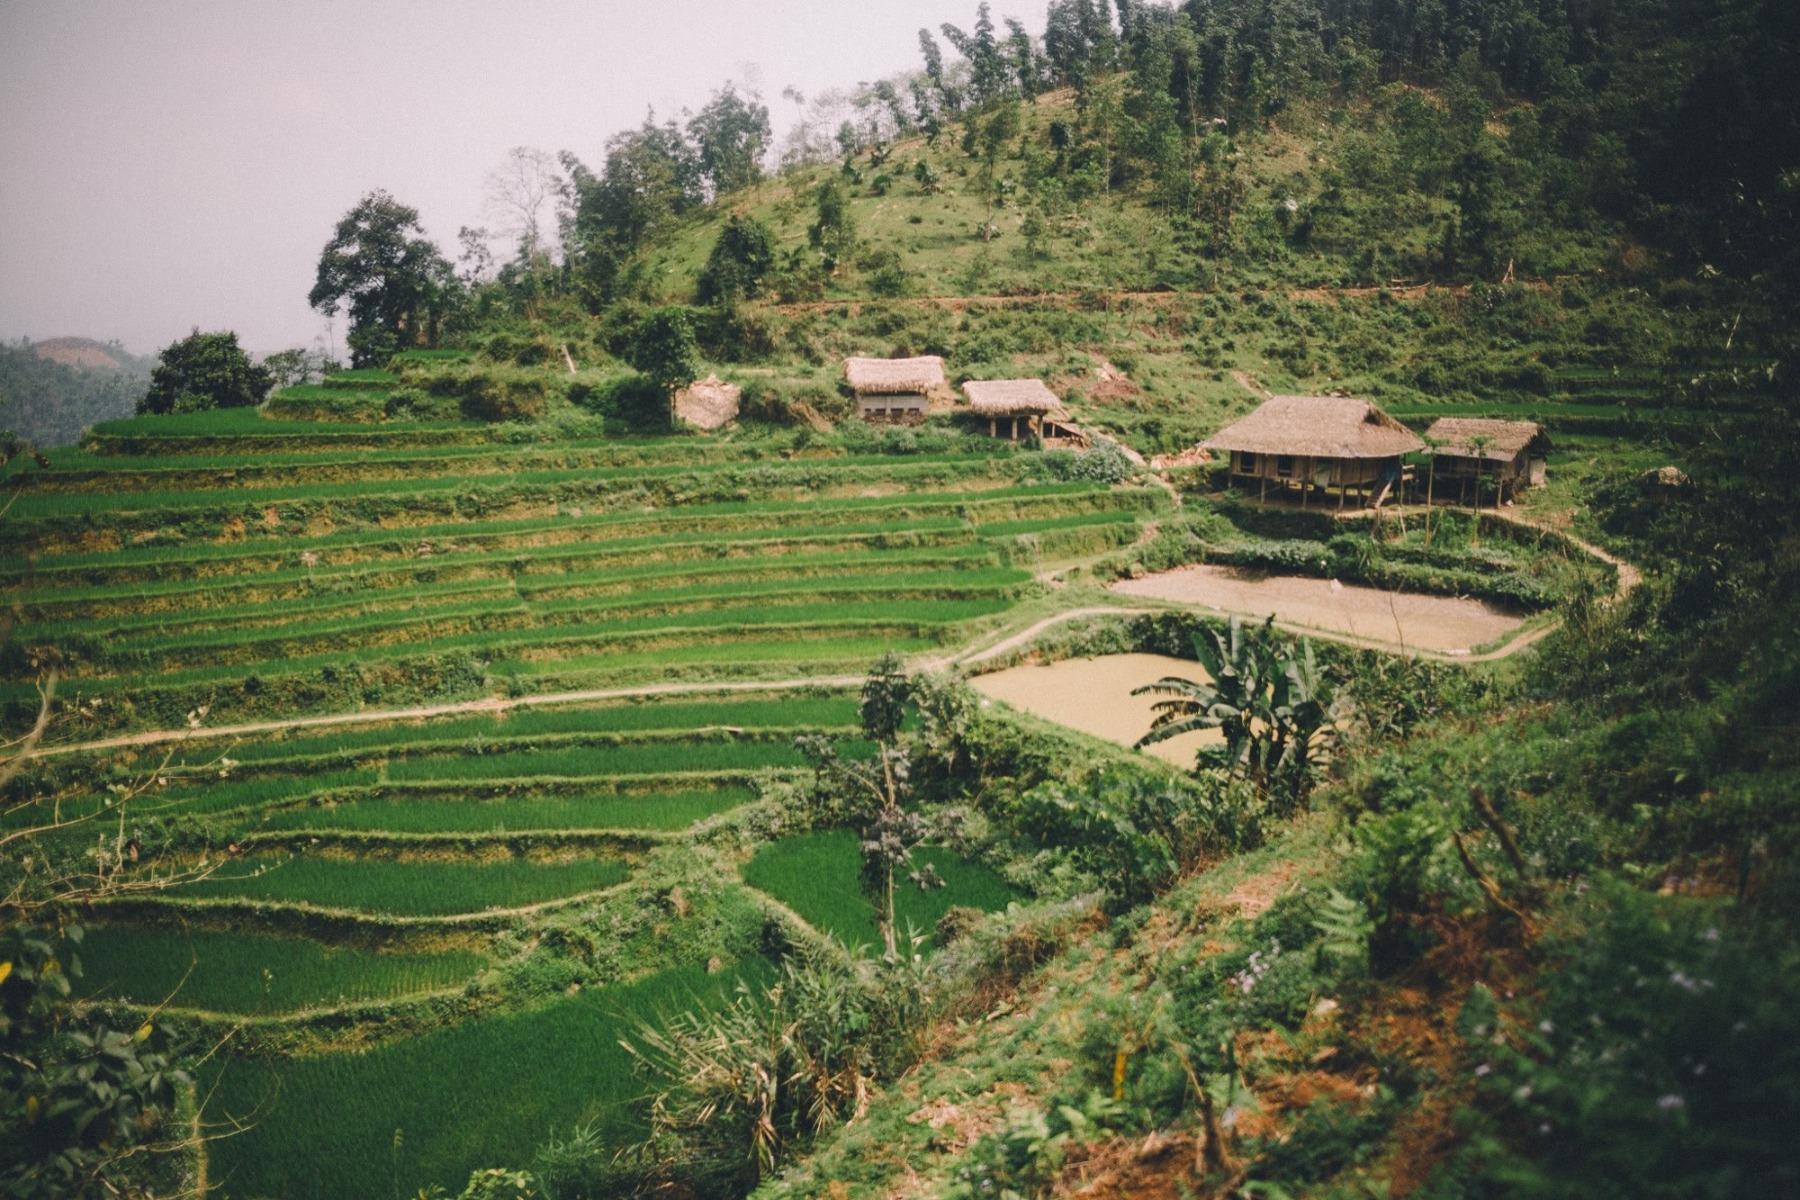 Reisplantage Vietnam